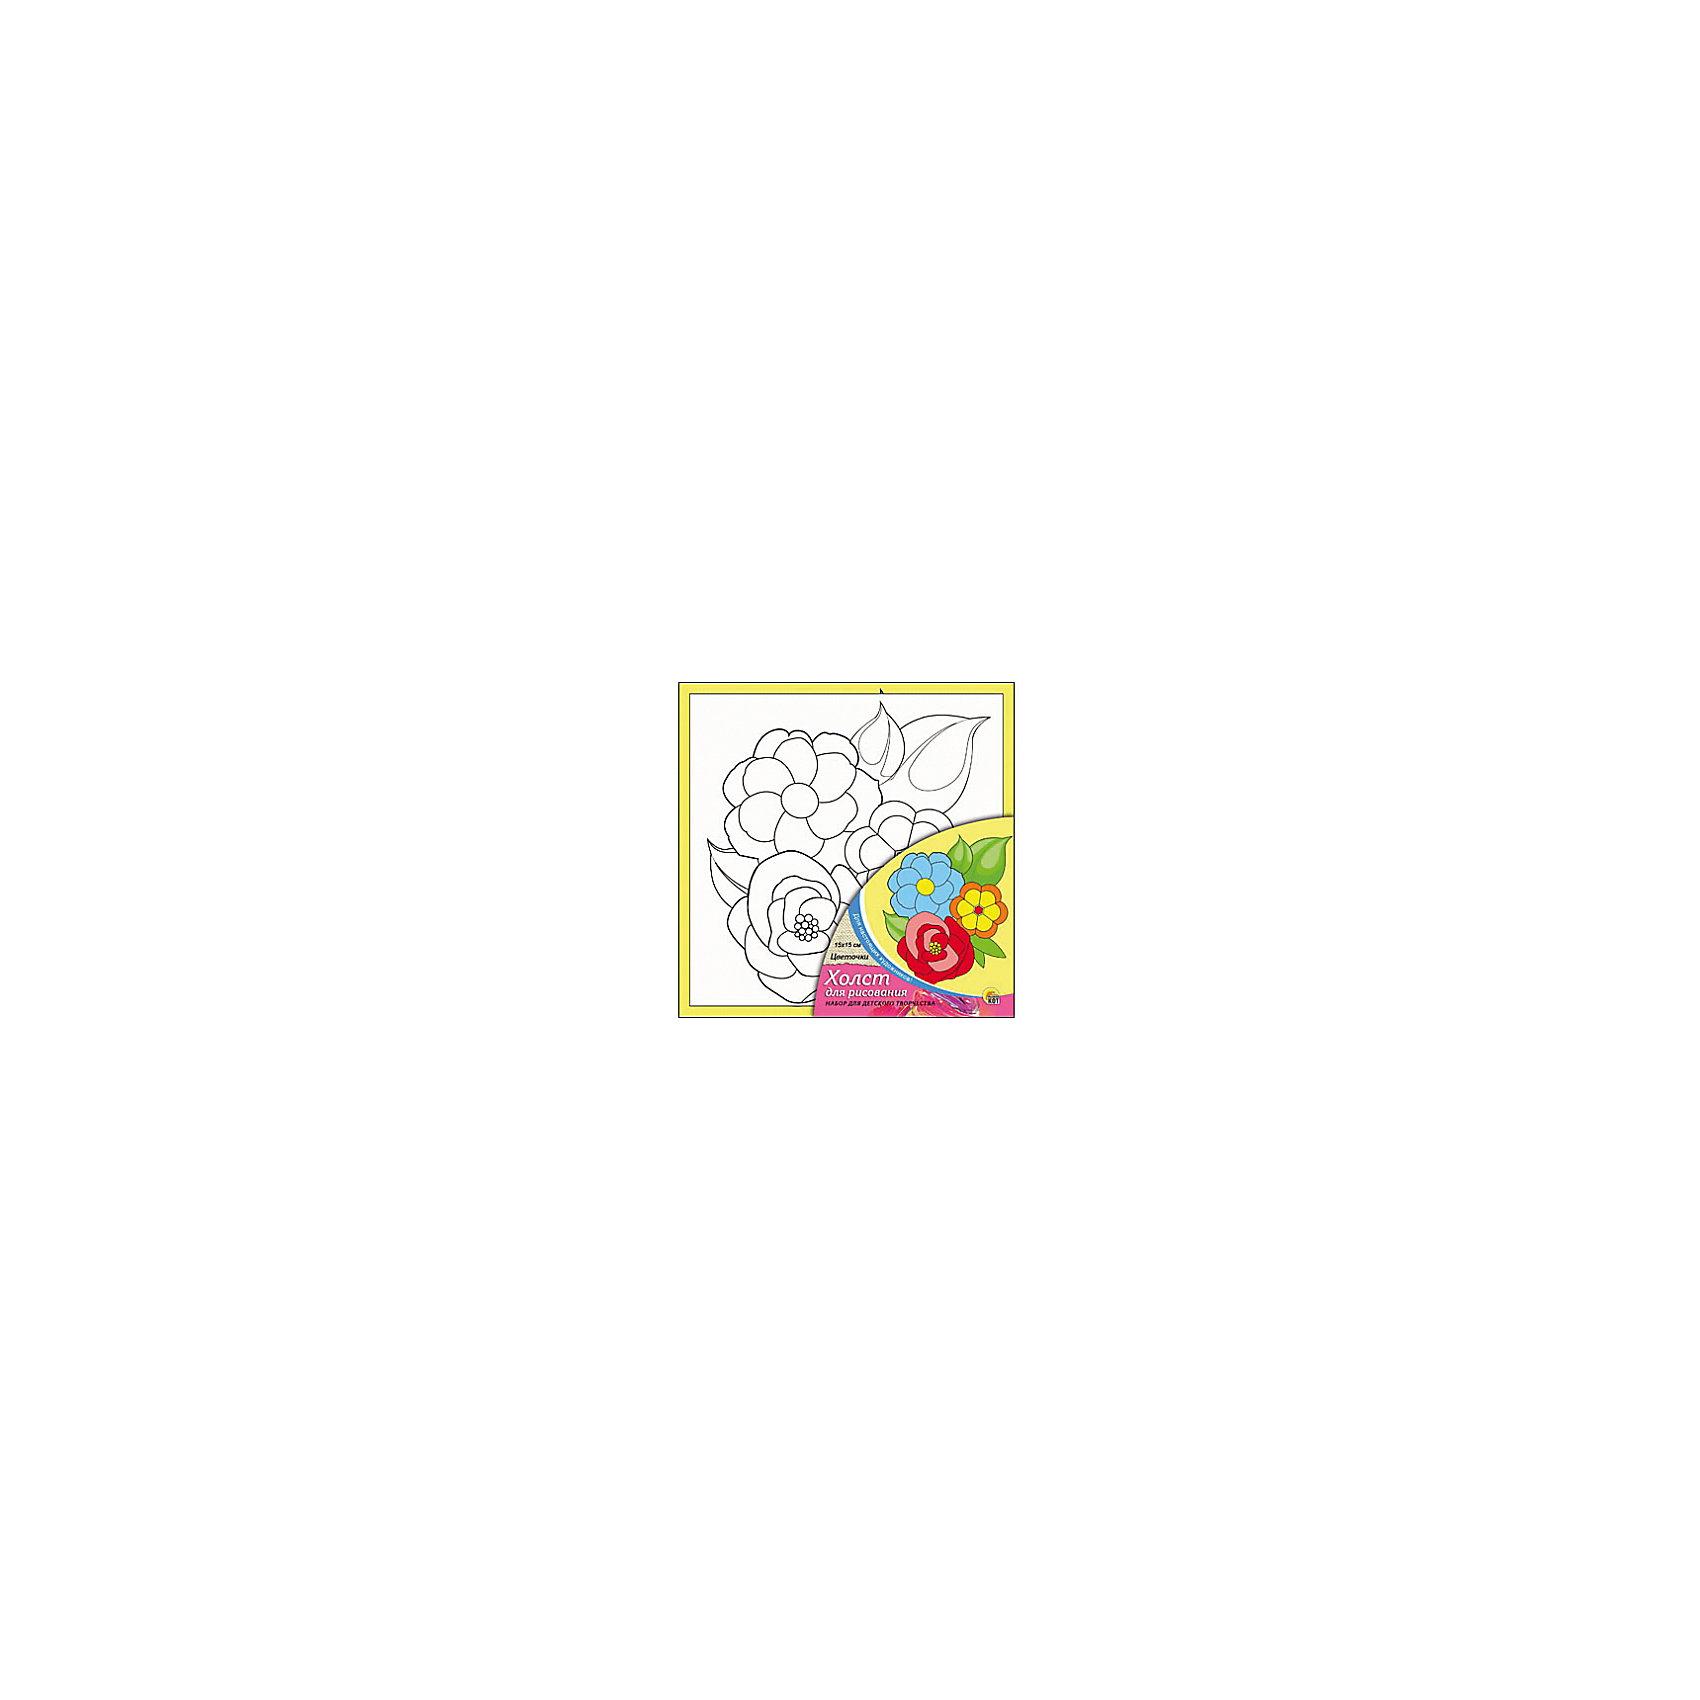 Холст с красками Цветочки, 15х15 смРисование<br>Цветочки - необыкновенный набор для детского творчества. Для того, чтобы оживить черно-белый эскиз, нужно нанести на него яркие акриловые краски, входящие в набор. Очаровательная картинка с цветами понравится малышу и он сможет украсить ею свою комнату, а может даже подарить друзьям или близким. Творчество с таким набором хорошо развивает творческие навыки, усидчивость и аккуратность. Замечательный подарок для юного художника!<br><br>Дополнительная информация:<br>В комплекте: холст с эскизом, 7 акриловых красок, кисточка<br>Размер: 15х1,5х15 см<br>Вес: 140 грамм<br>Холст с красками Цветочки можно приобрести в нашем интернет-магазине.<br><br>Ширина мм: 150<br>Глубина мм: 15<br>Высота мм: 150<br>Вес г: 140<br>Возраст от месяцев: 36<br>Возраст до месяцев: 120<br>Пол: Унисекс<br>Возраст: Детский<br>SKU: 4939500